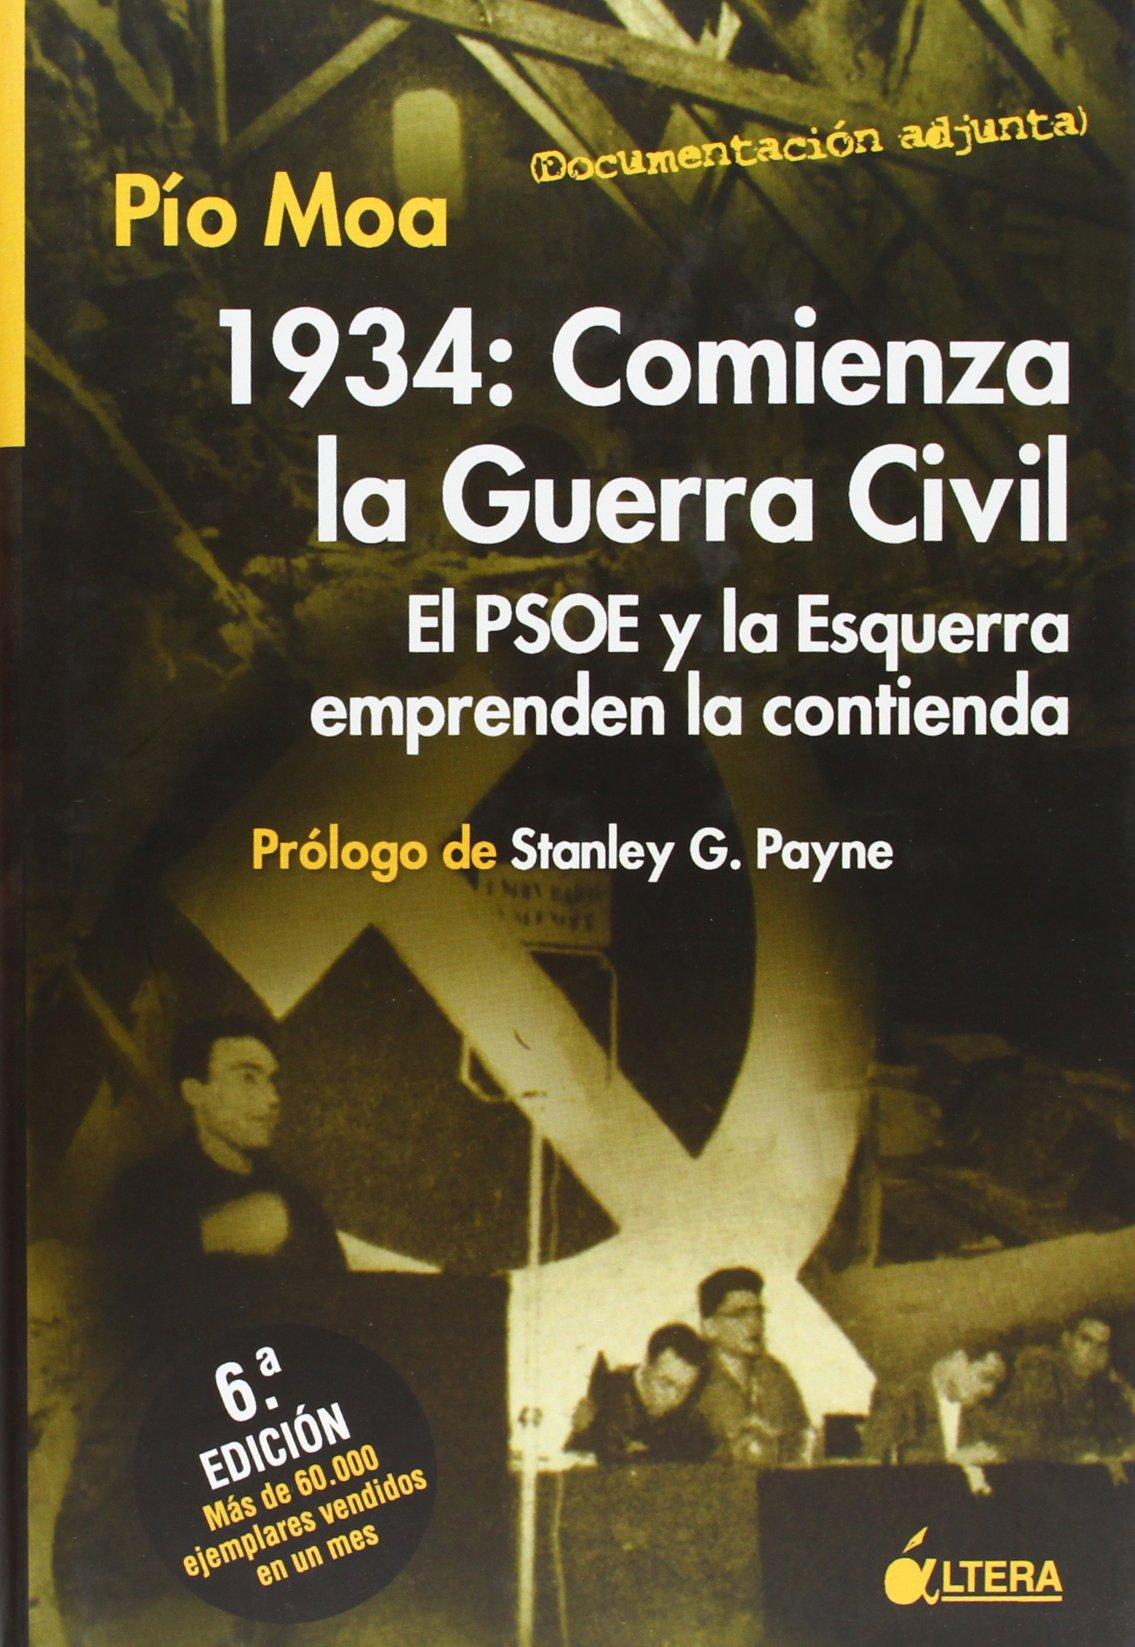 1934: comienza la Guerra civil. el psoe y esquerra emprenden contienda: Amazon.es: Moa, Pio: Libros